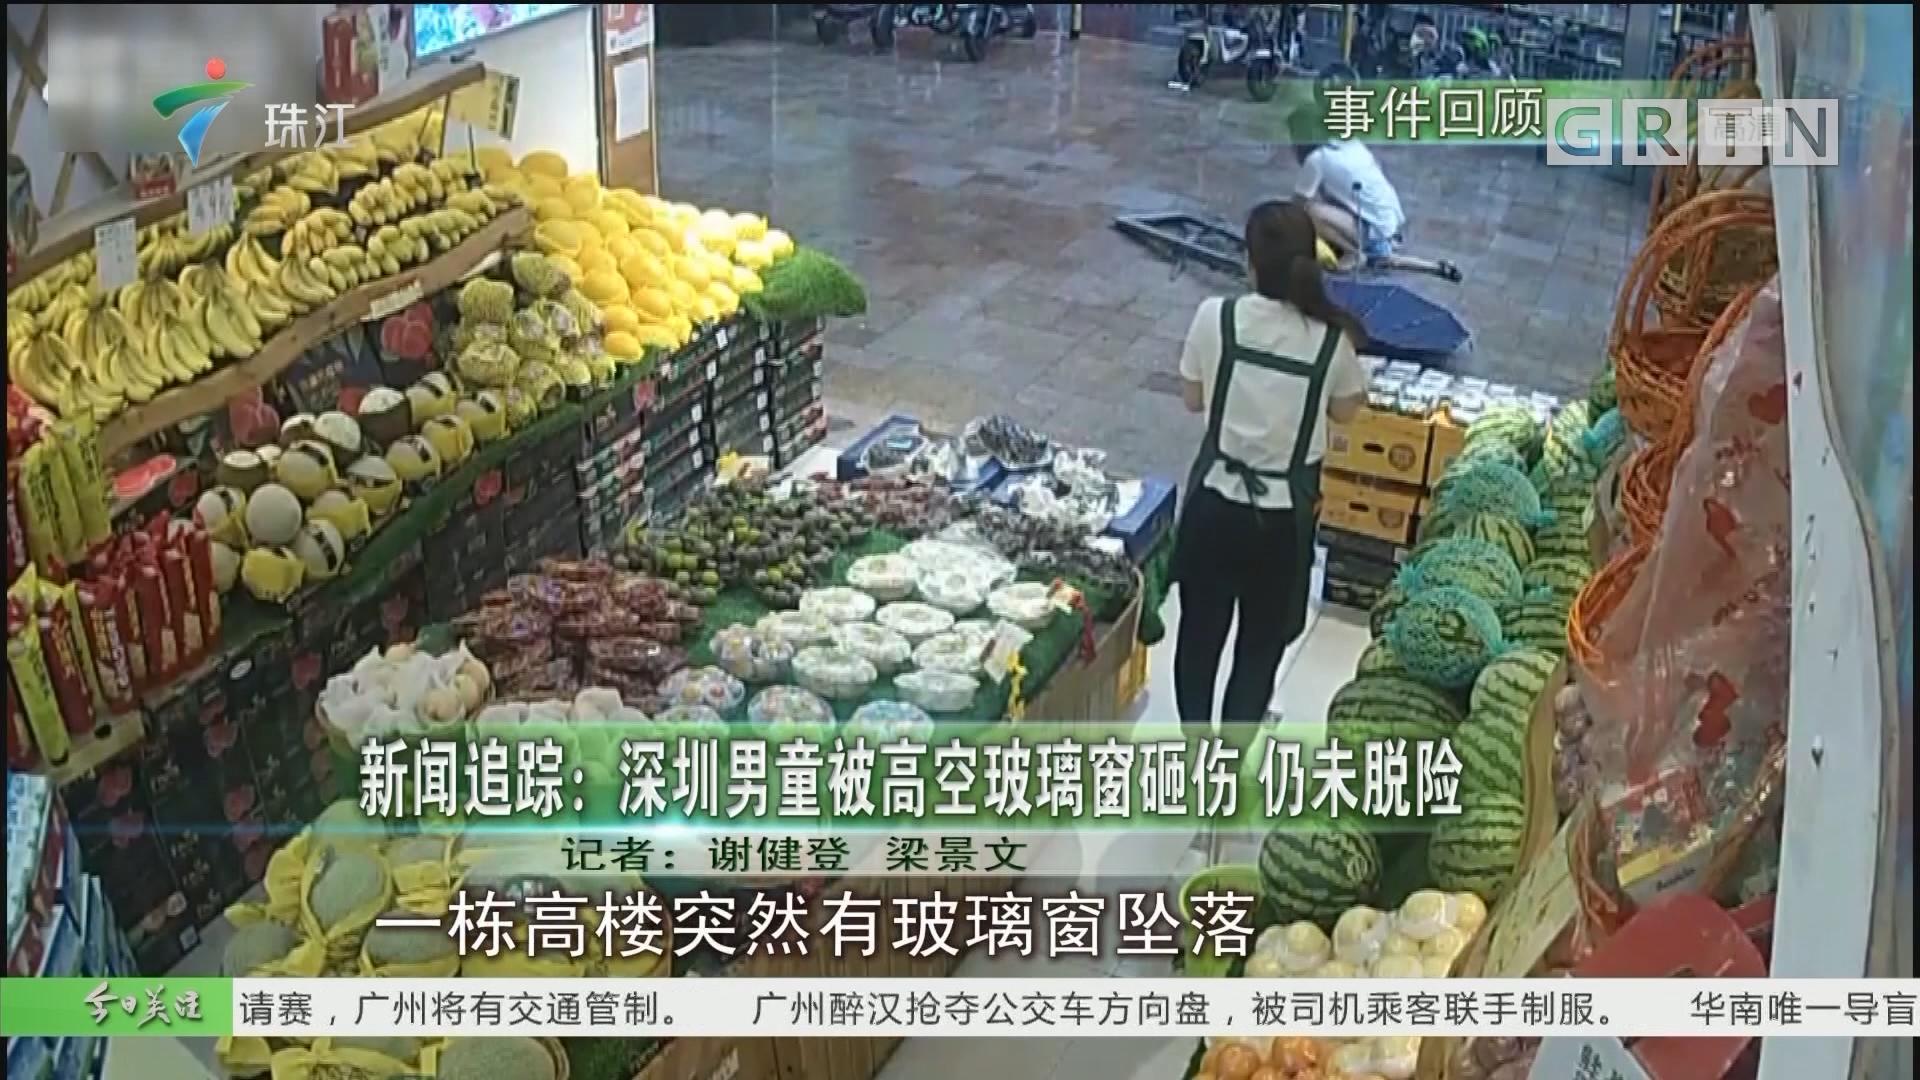 新闻追踪:深圳男童被高空玻璃窗砸伤 仍未脱险